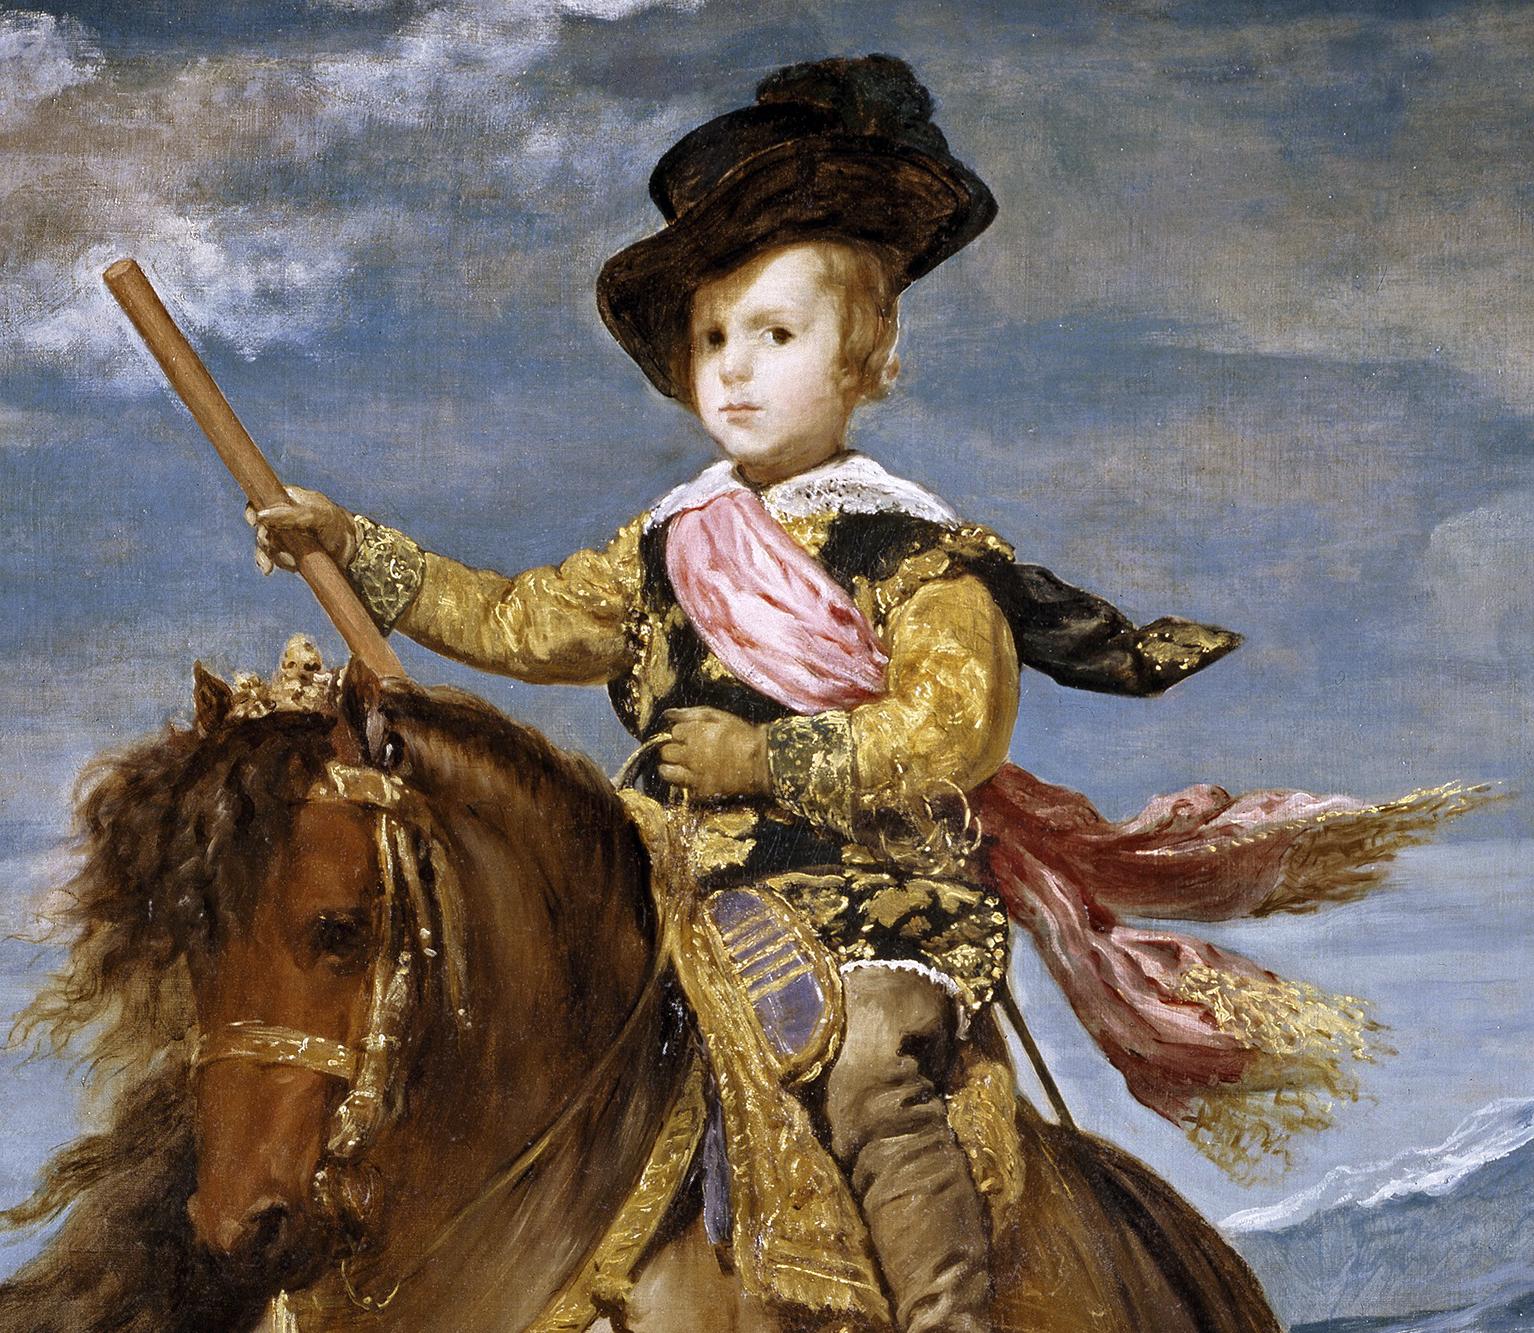 Personnes célèbres réelles ou imaginaires Principe_Baltasar_Carlos_a_caballo_Velazquez_detail